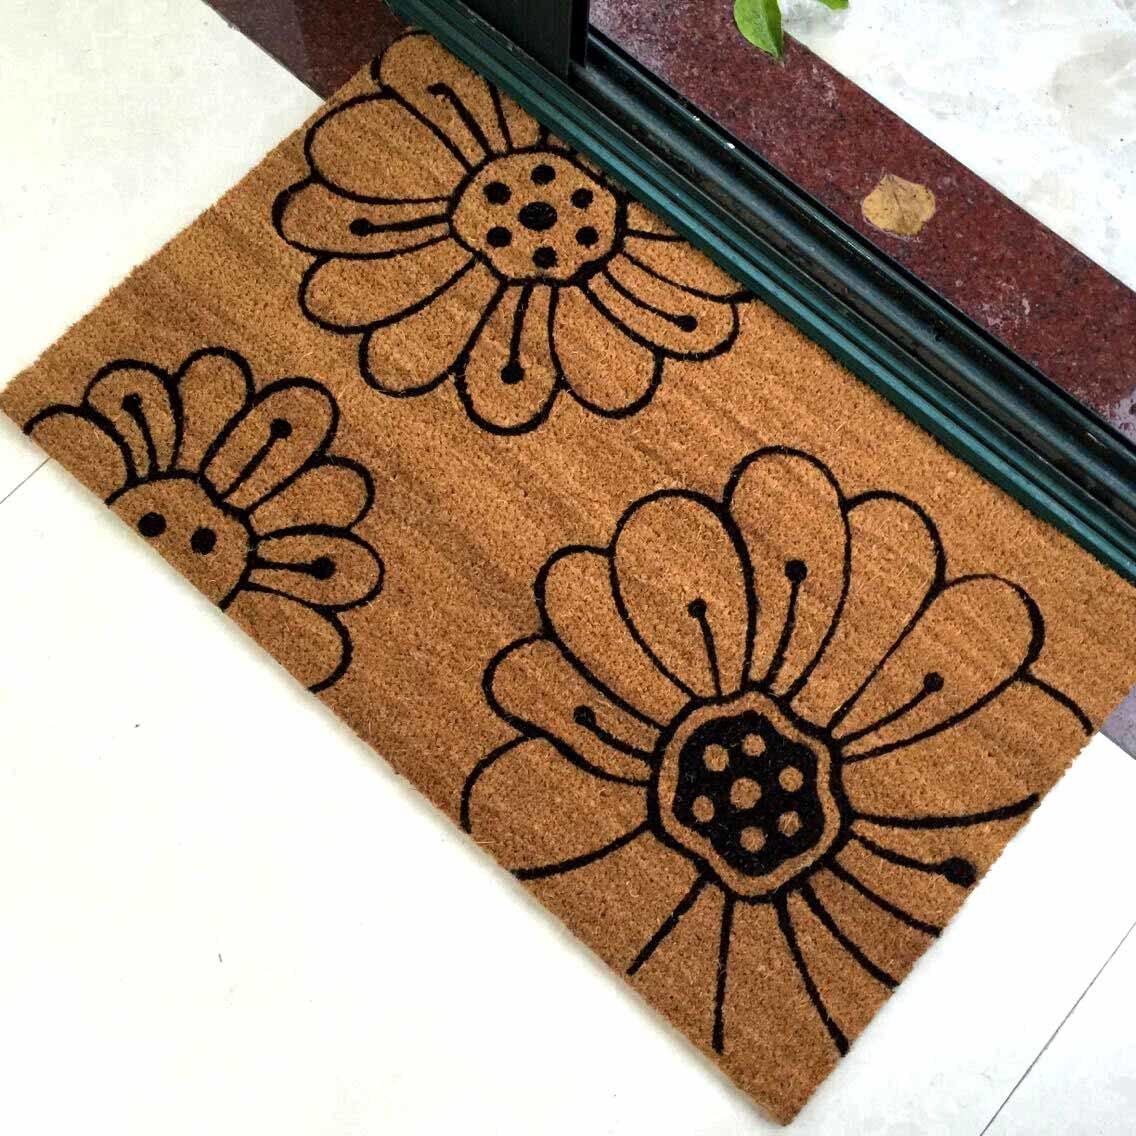 Natural Gold Brown Coconut Coco Coir Fiber Koko Welcome Entrance Outdoor Floor Door Mats